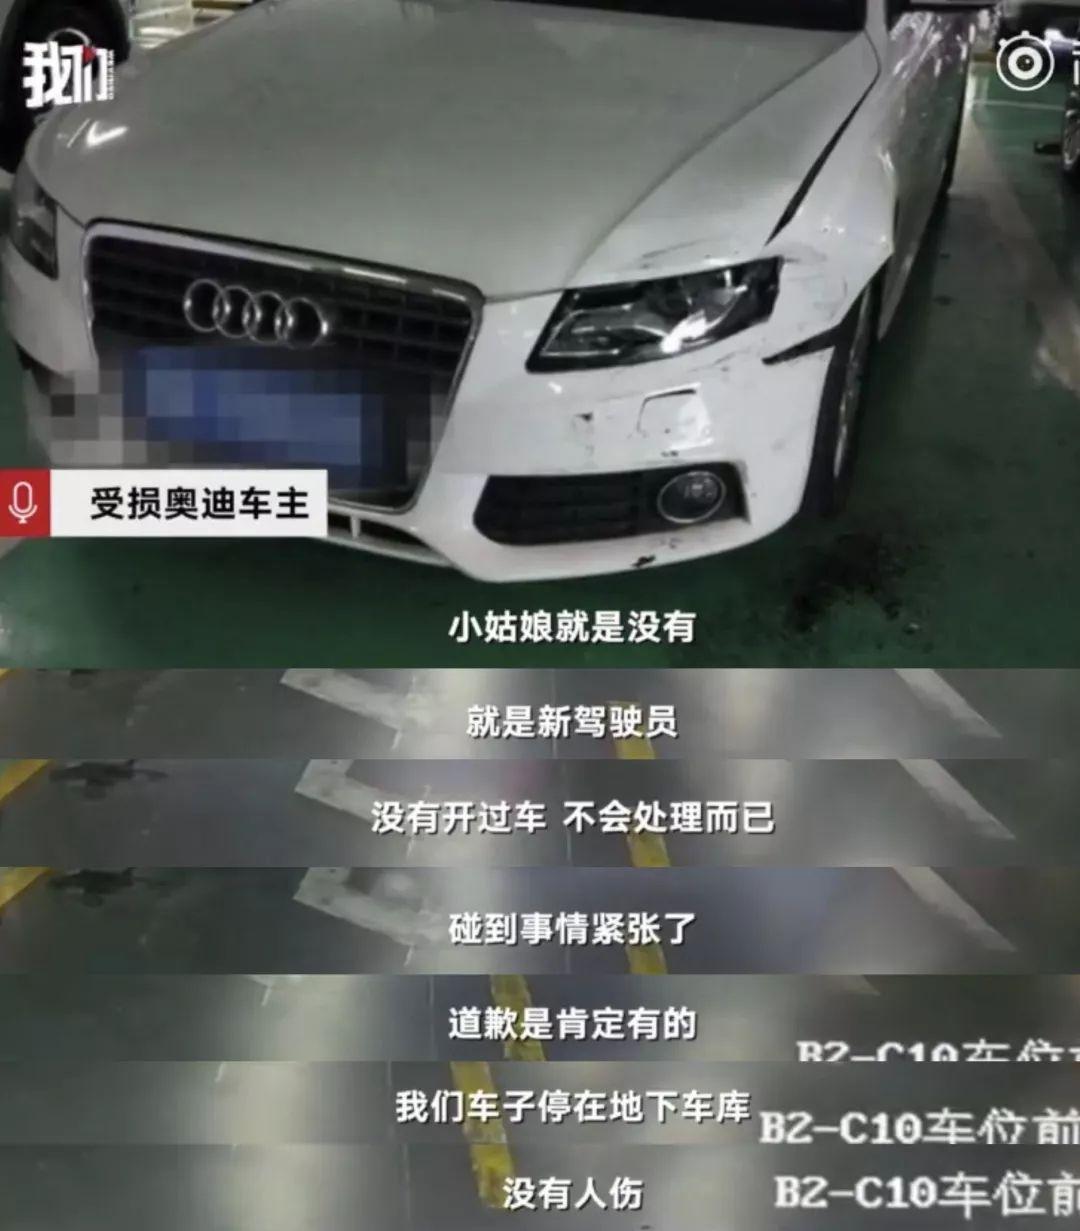 奥迪,宝马,玛莎拉蒂……杭州女司机倒车,边上车子连吃